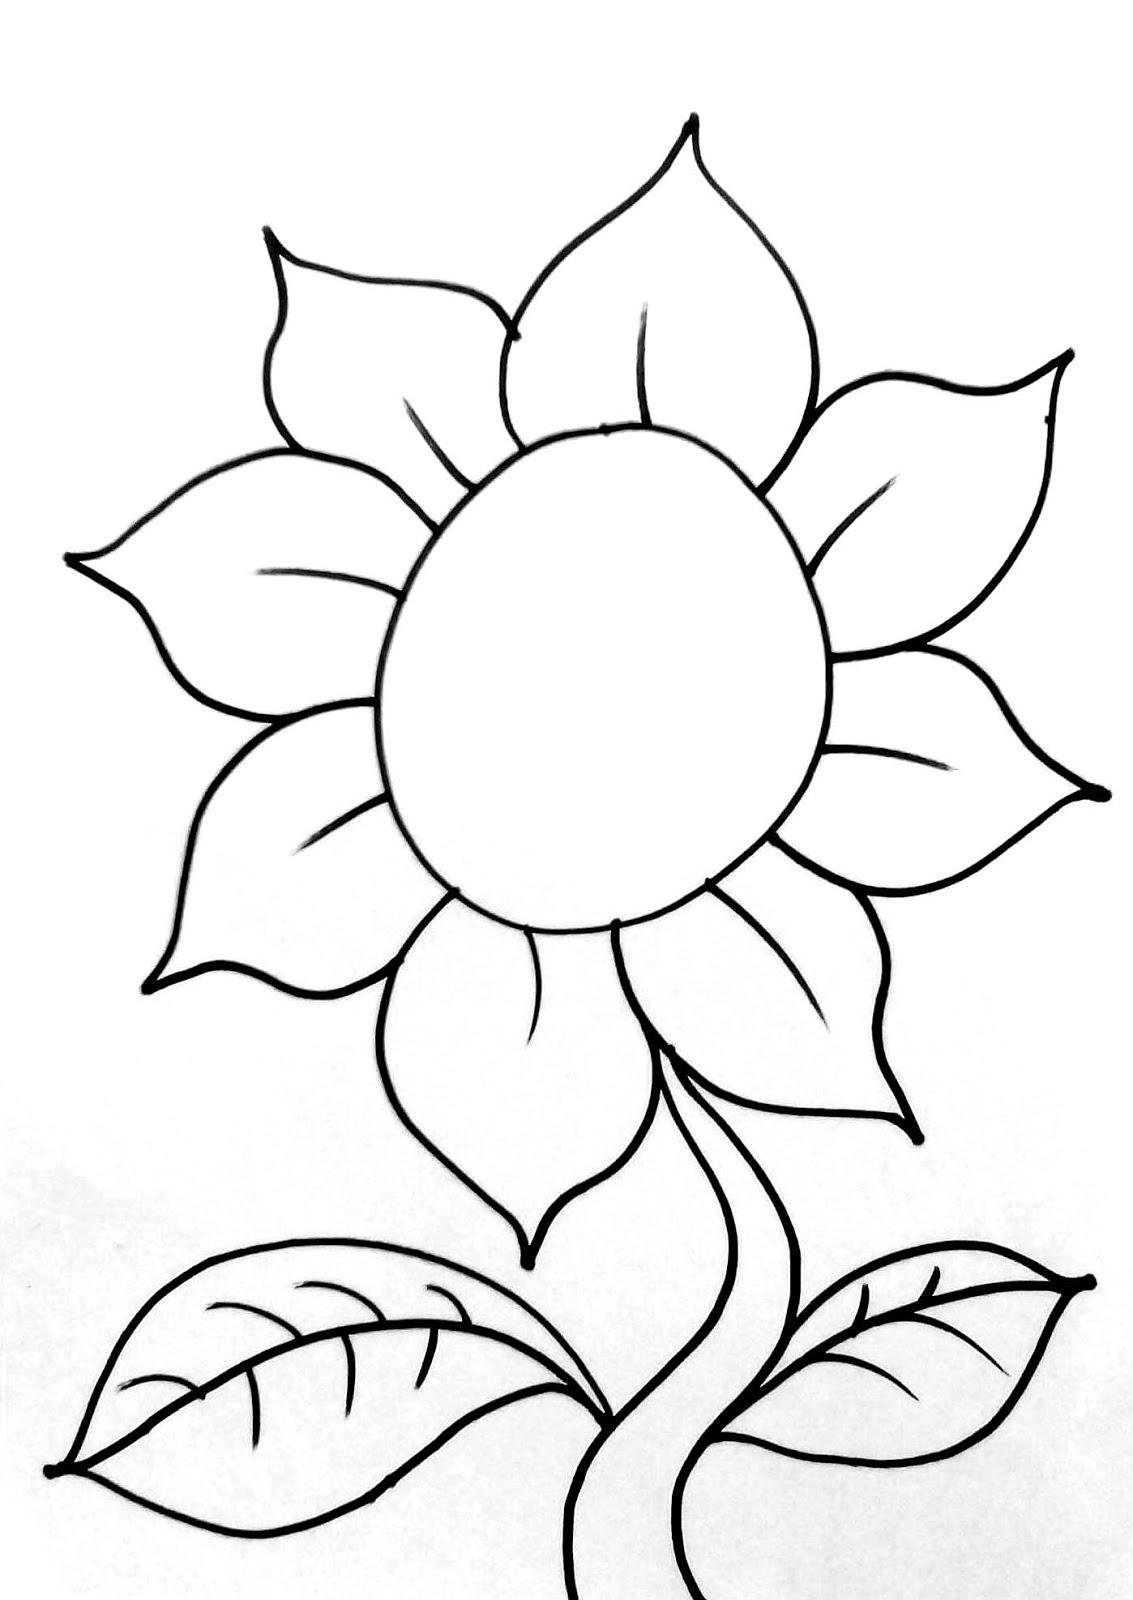 Selain itu kita membutuhkan gambar bunga untuk diwarnai Anda bisa menggambarnya sendiri atau men copy paste gambar bunga di bawah ini